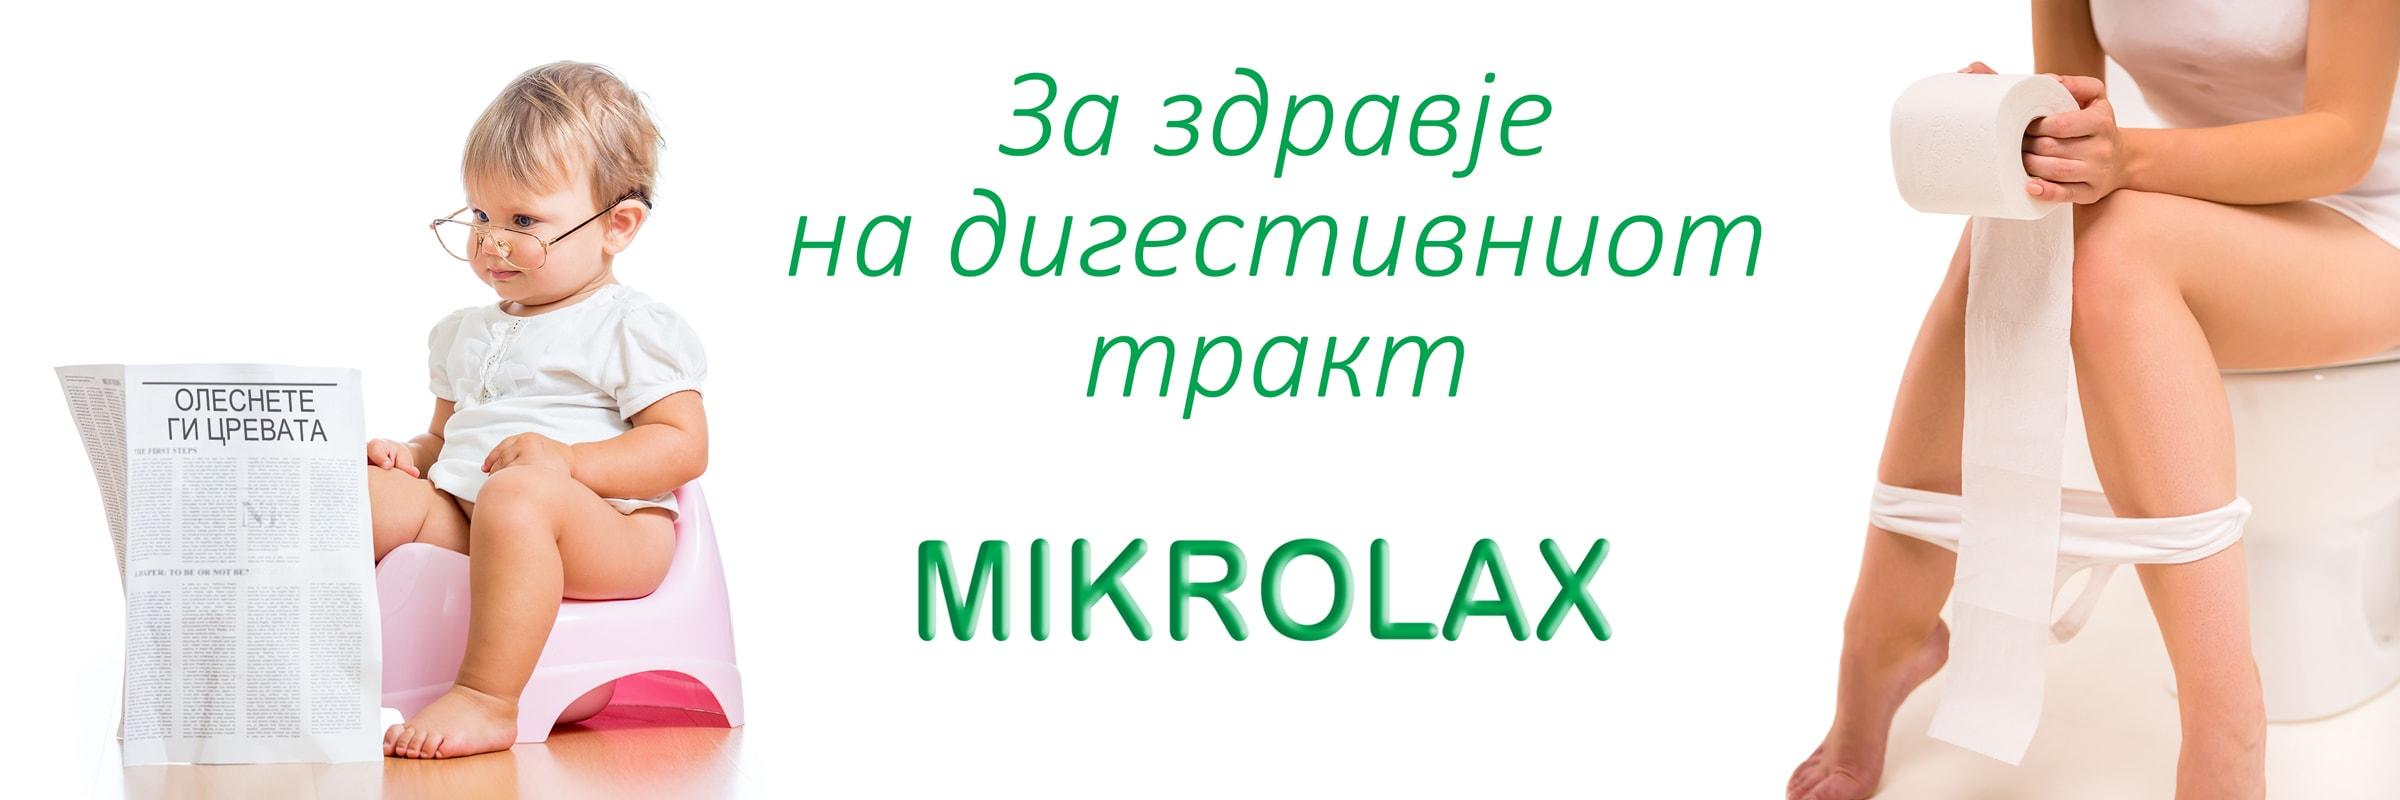 Mikrolaxi